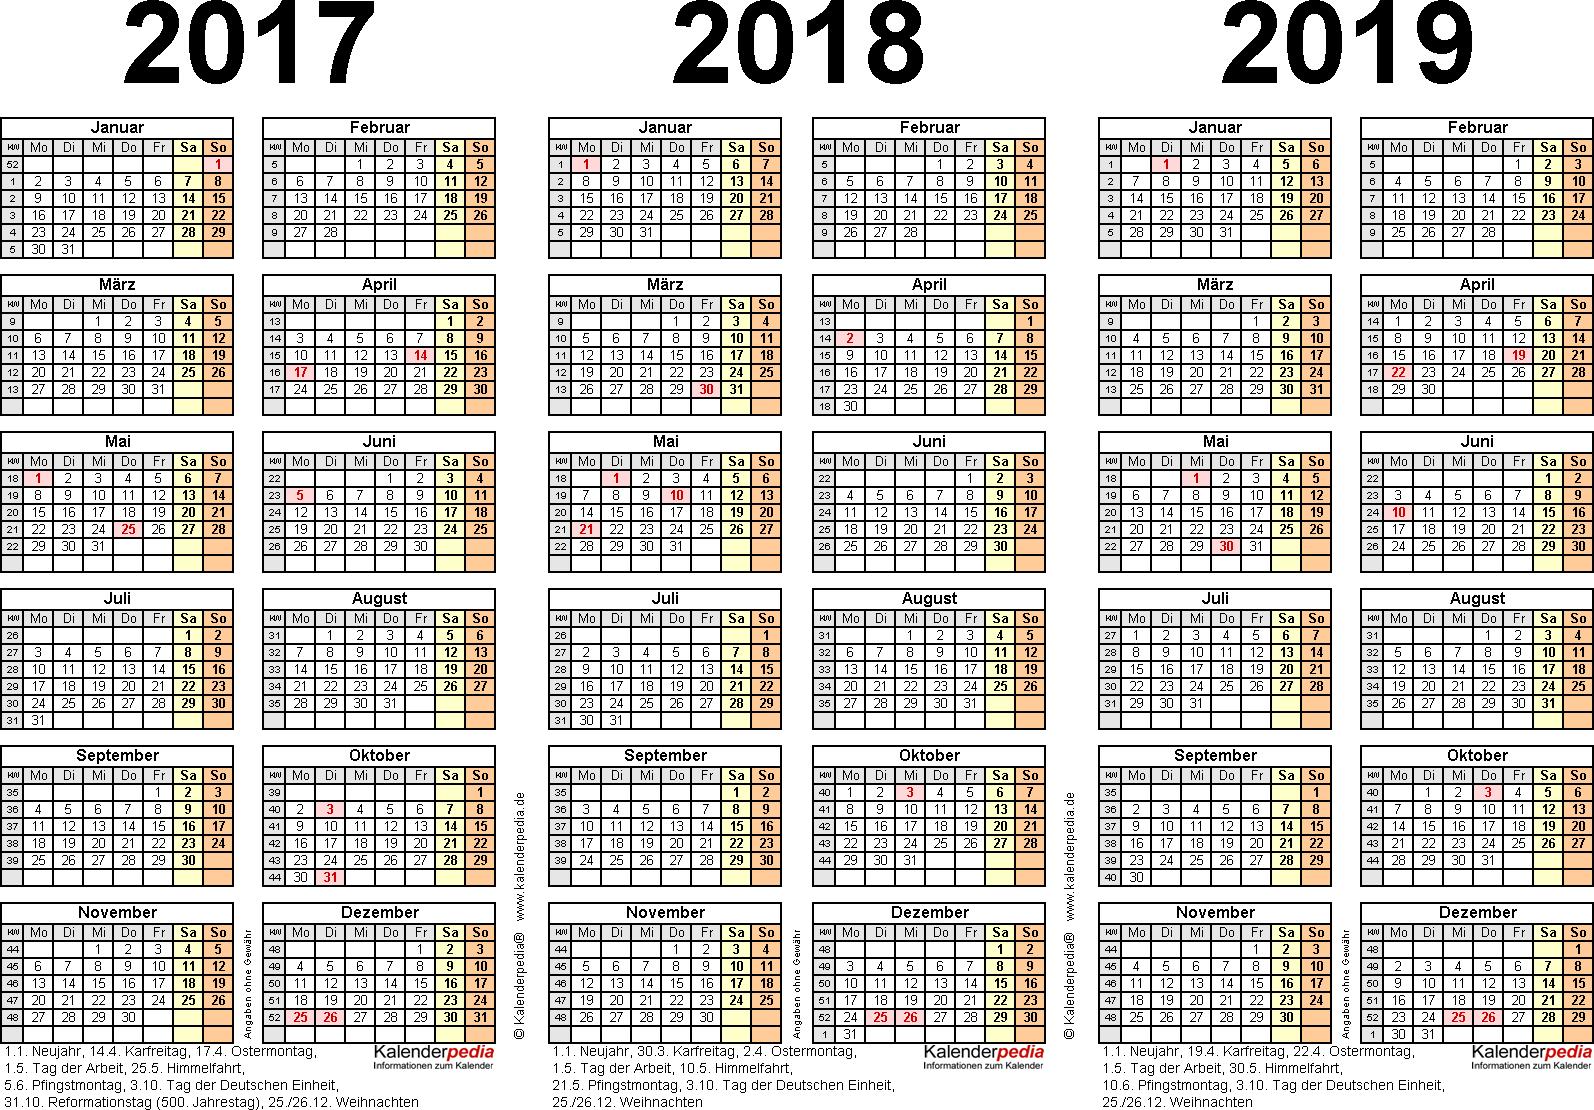 PDF-Vorlage für Dreijahreskalender 2017-2019 (Querformat, 1 Seite)